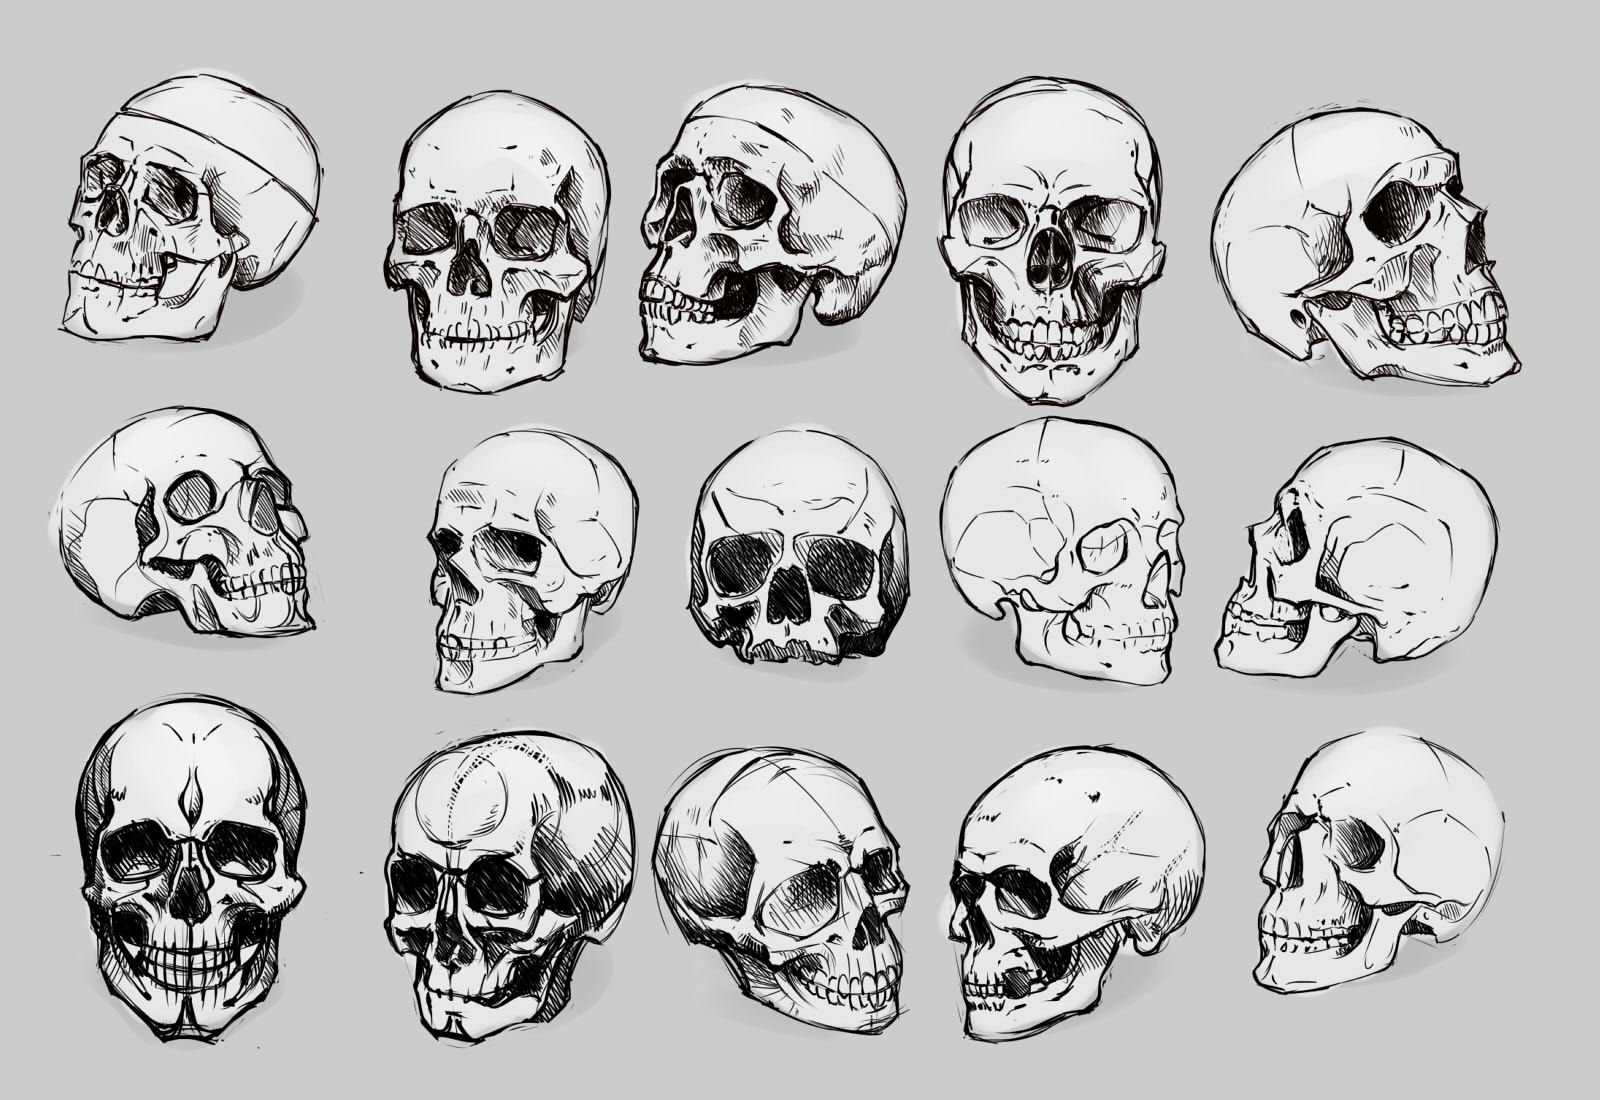 картинки черепа со всех сторон крестьяне всегда стремились